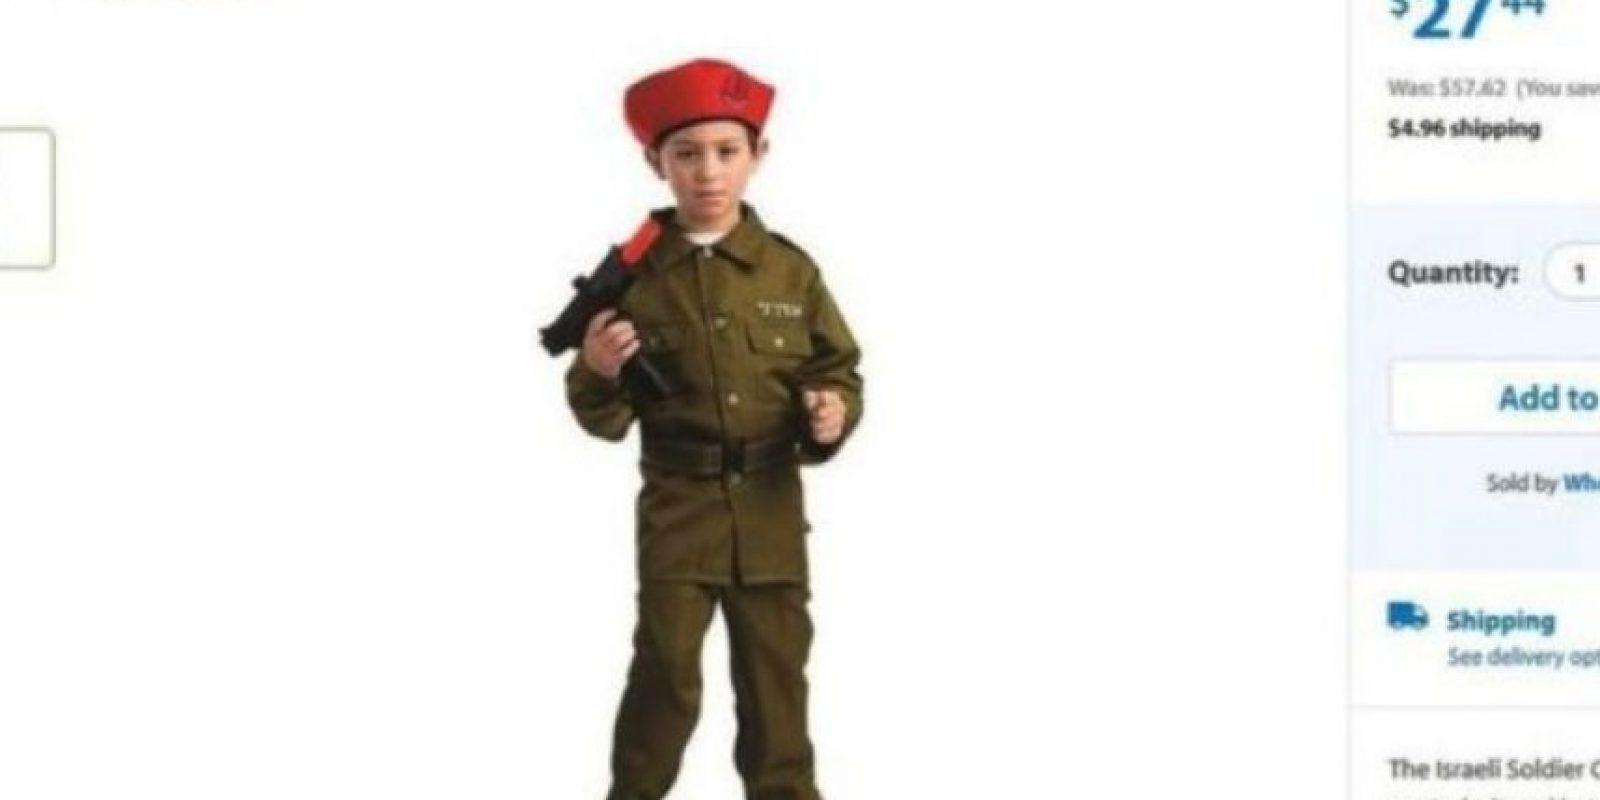 Soldado israelí Foto:Vía walmart.com